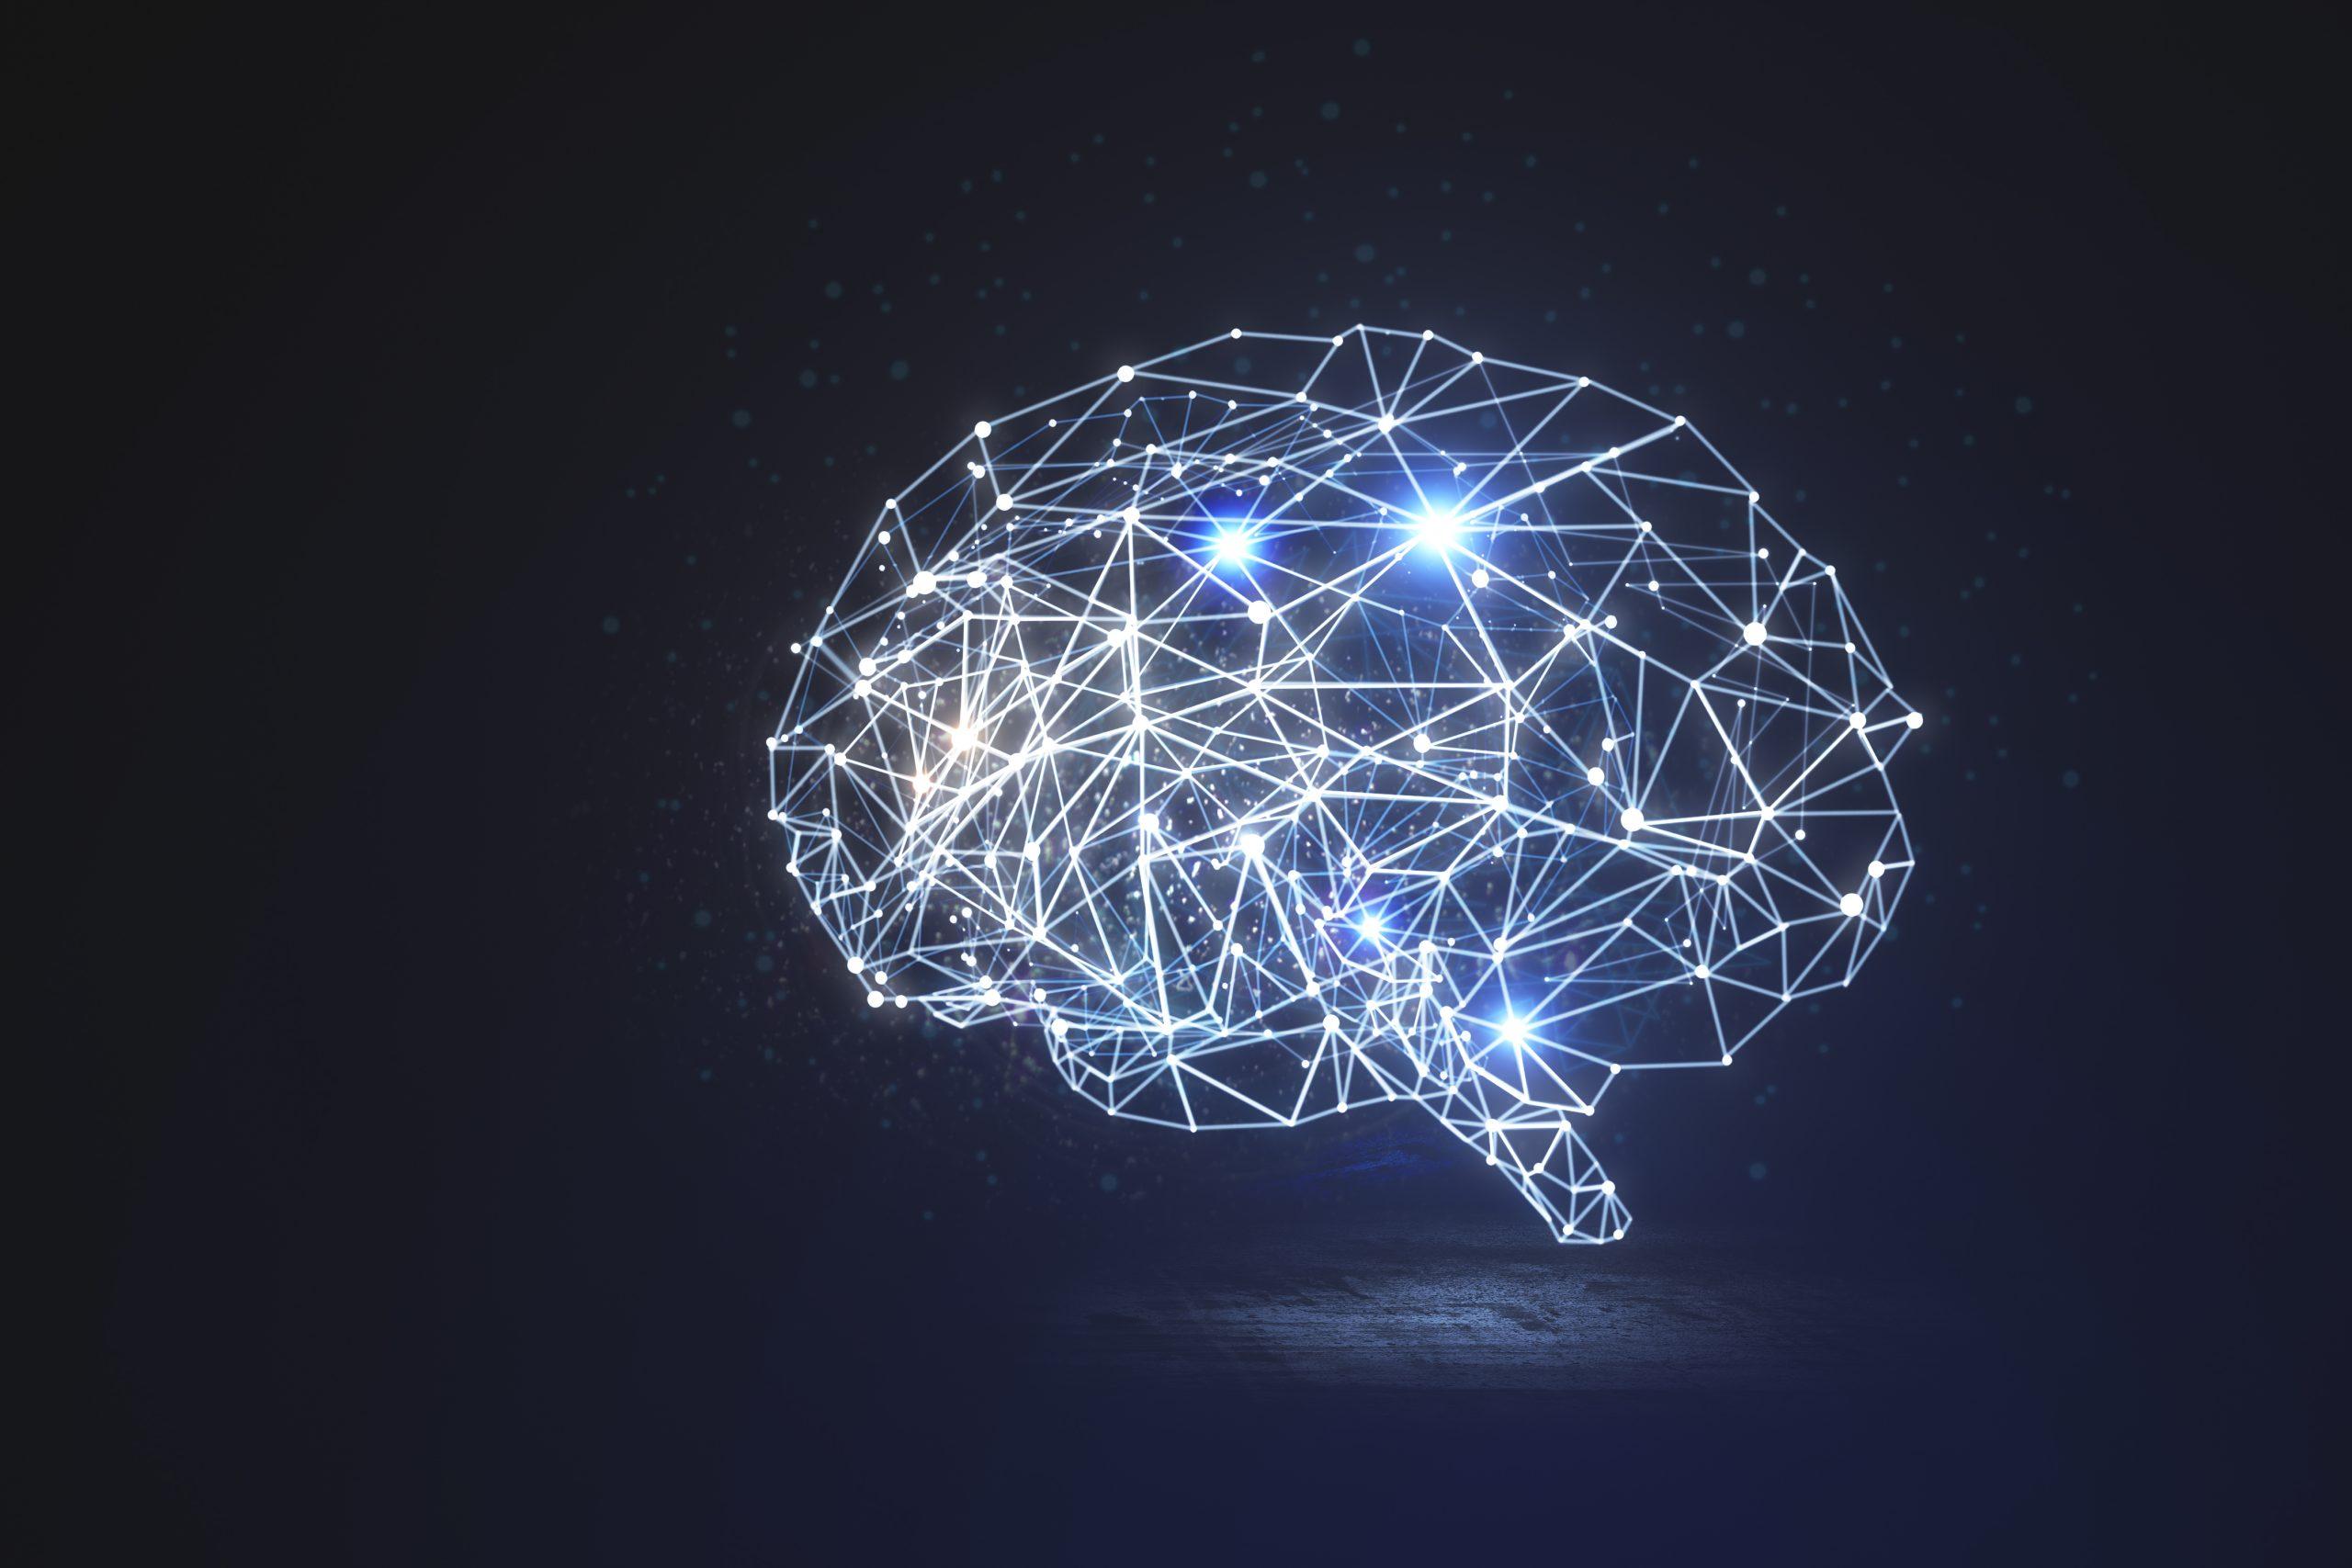 Les IA des assureurs sont-elles « bien dressées » ?